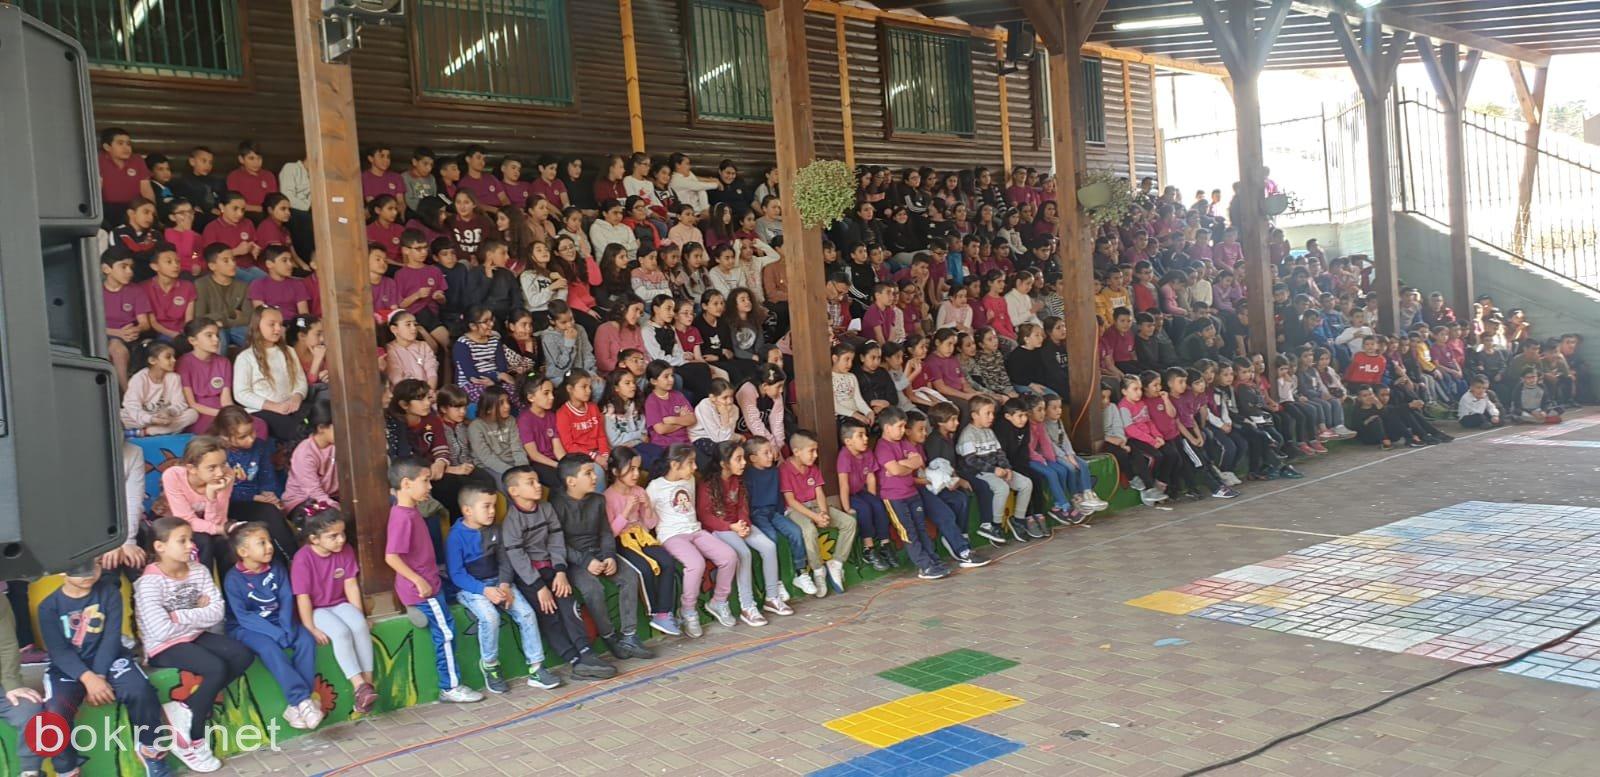 سخنين: بهدف زيادة الوعي، مدرسة الصفا في فعاليات الحذر والأمان